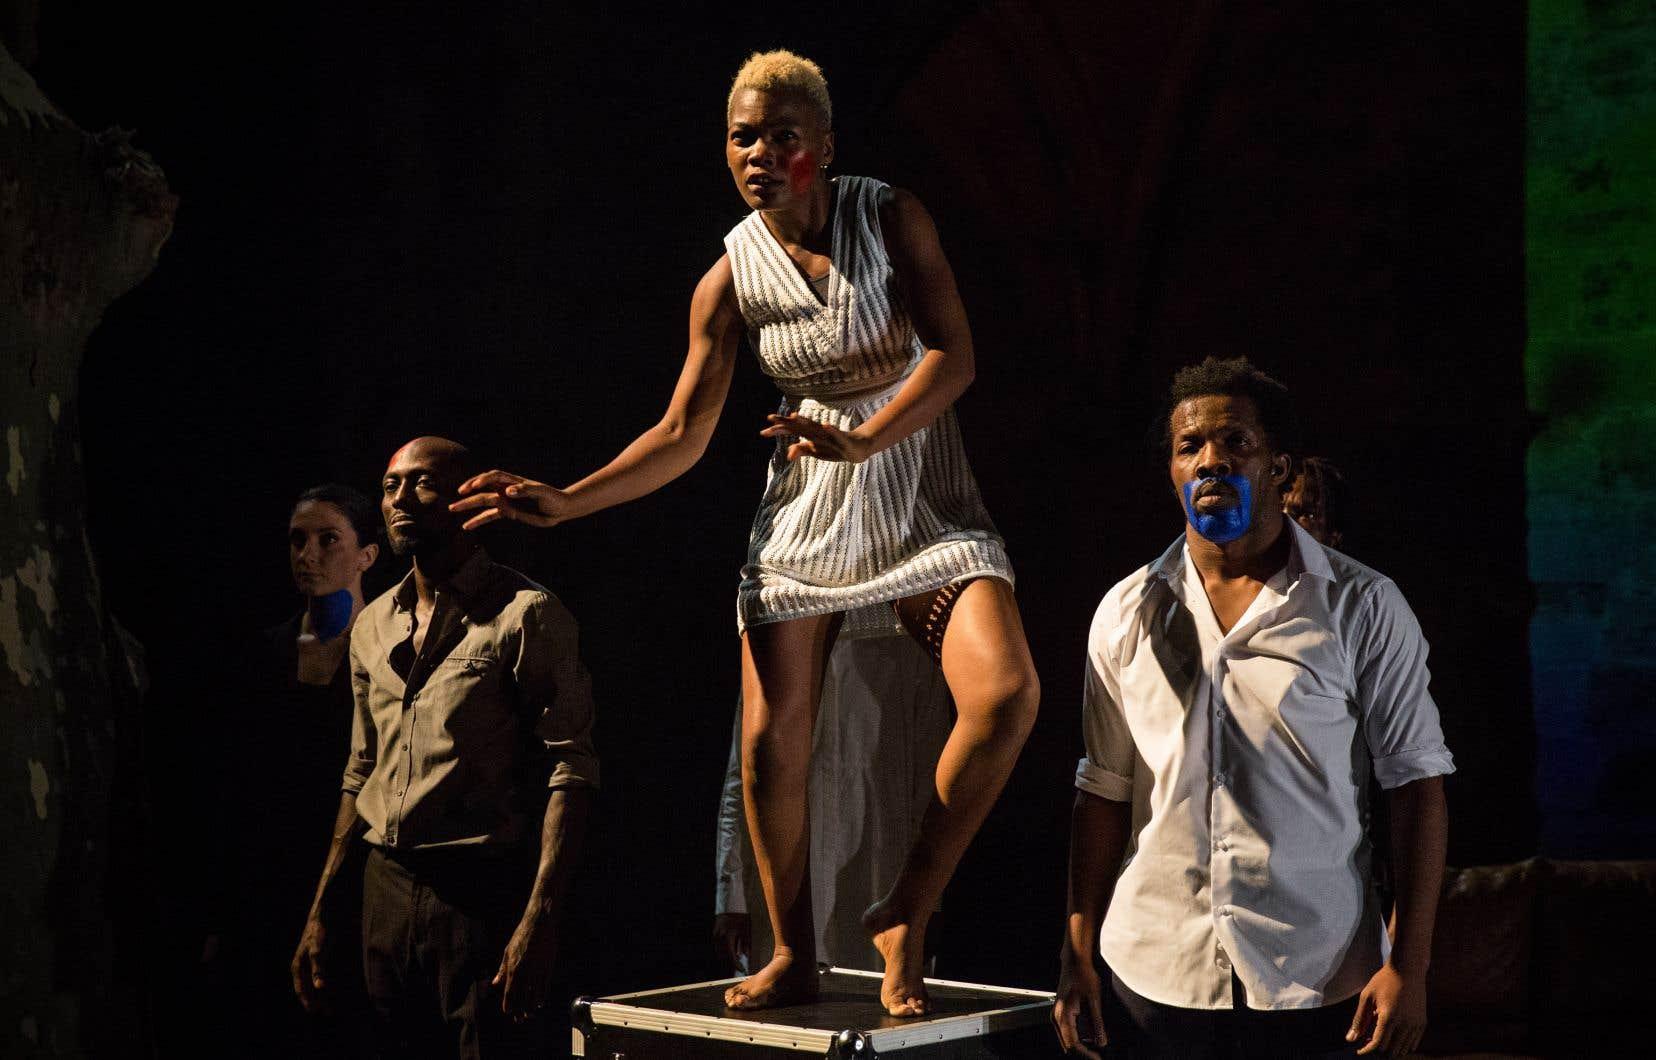 Deux des artisans de «Kalakuta Républik», de Serge Aimé Coulibaly, n'ont jamais eu leur passeport à temps; la danseuse Antonia Naouele (au centre), indispensable à la représentation, a récupéré le sien une petite quinzaine d'heures avant la première, lui laissant tout juste le temps de sauter dans un avion pour danser lors de la première.